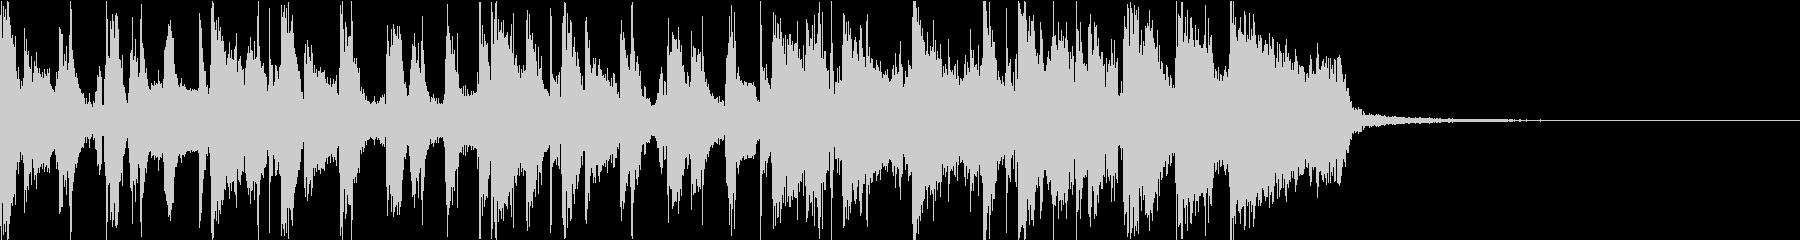 生演奏ギター ブラスファンクジングルの未再生の波形